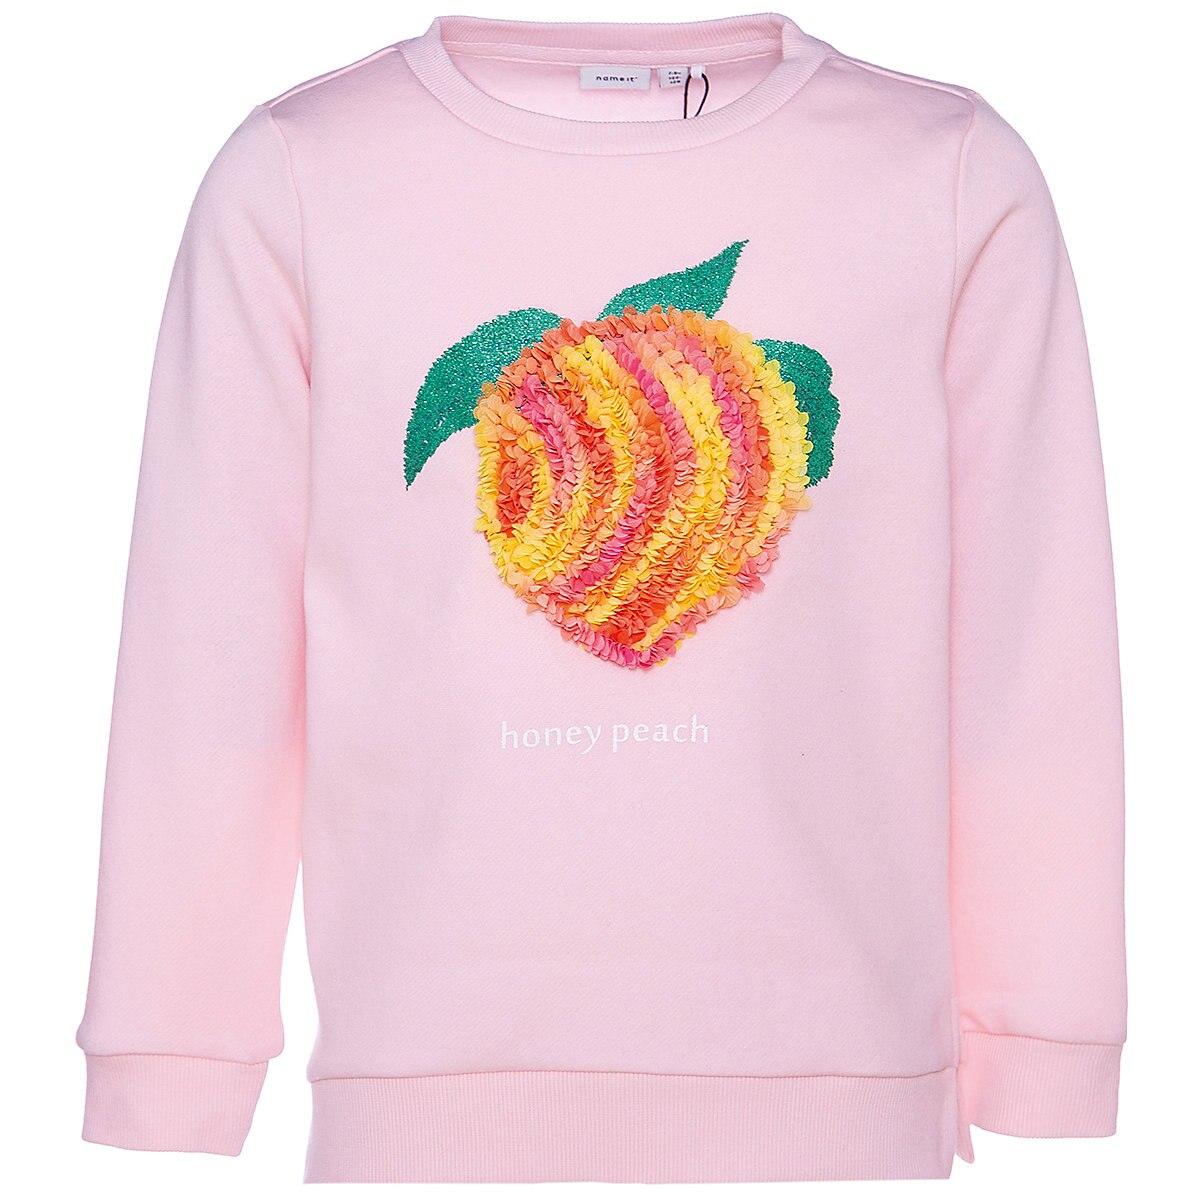 Nom IT Hoodies & Sweatshirts 10623609 pull pull pour garçons et filles vêtements enfants sweat coton filles décontracté